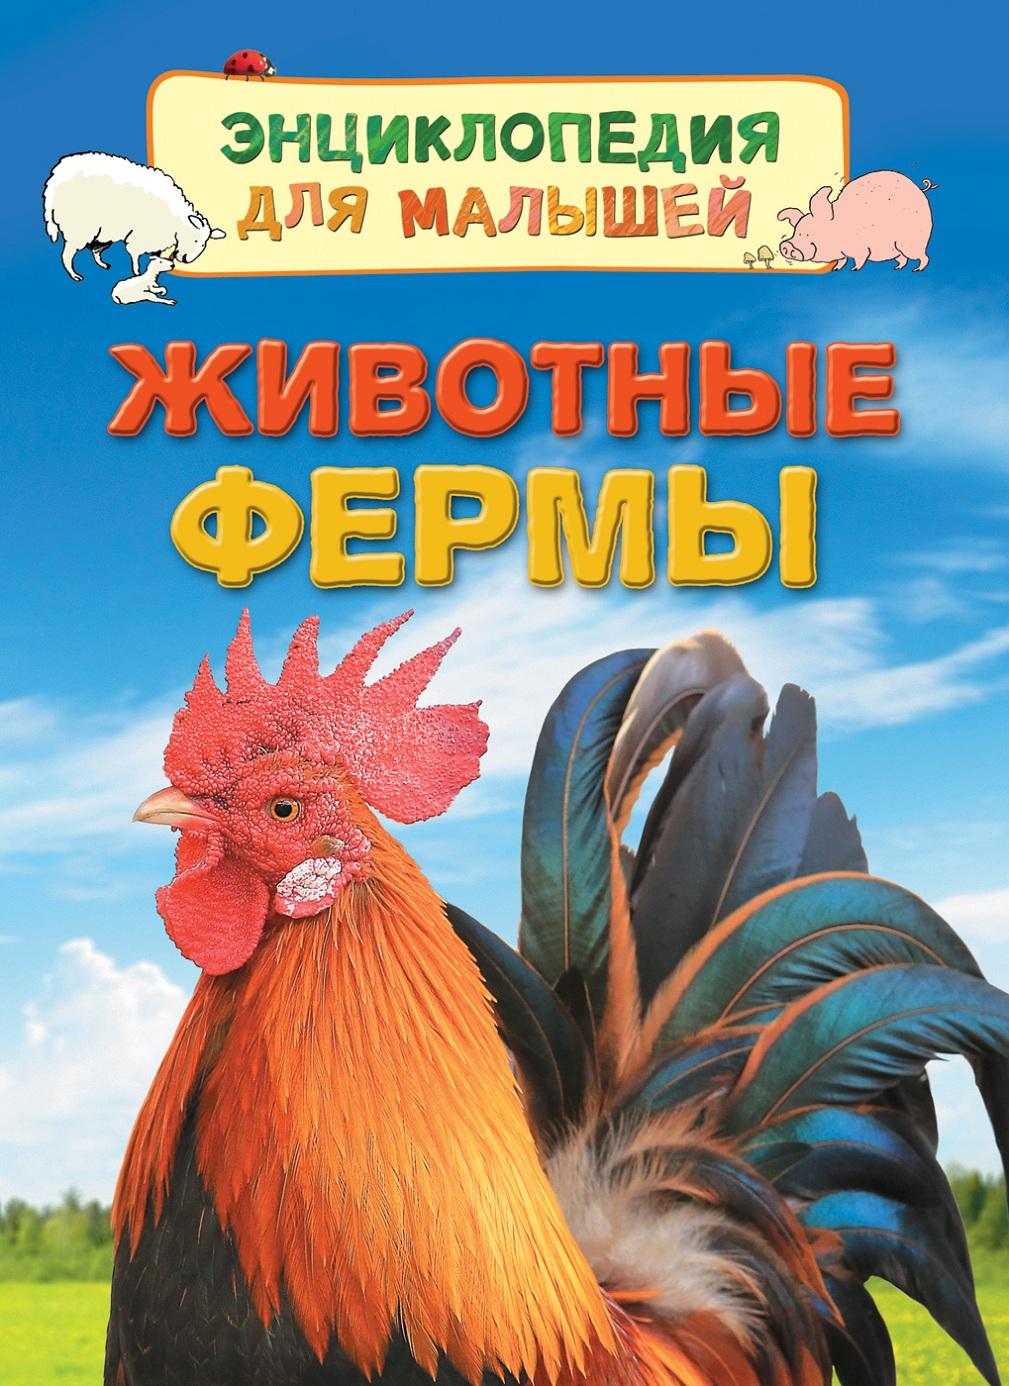 Энциклопедия для малышей - Животные фермыДля малышей в картинках<br>Энциклопедия для малышей - Животные фермы<br>